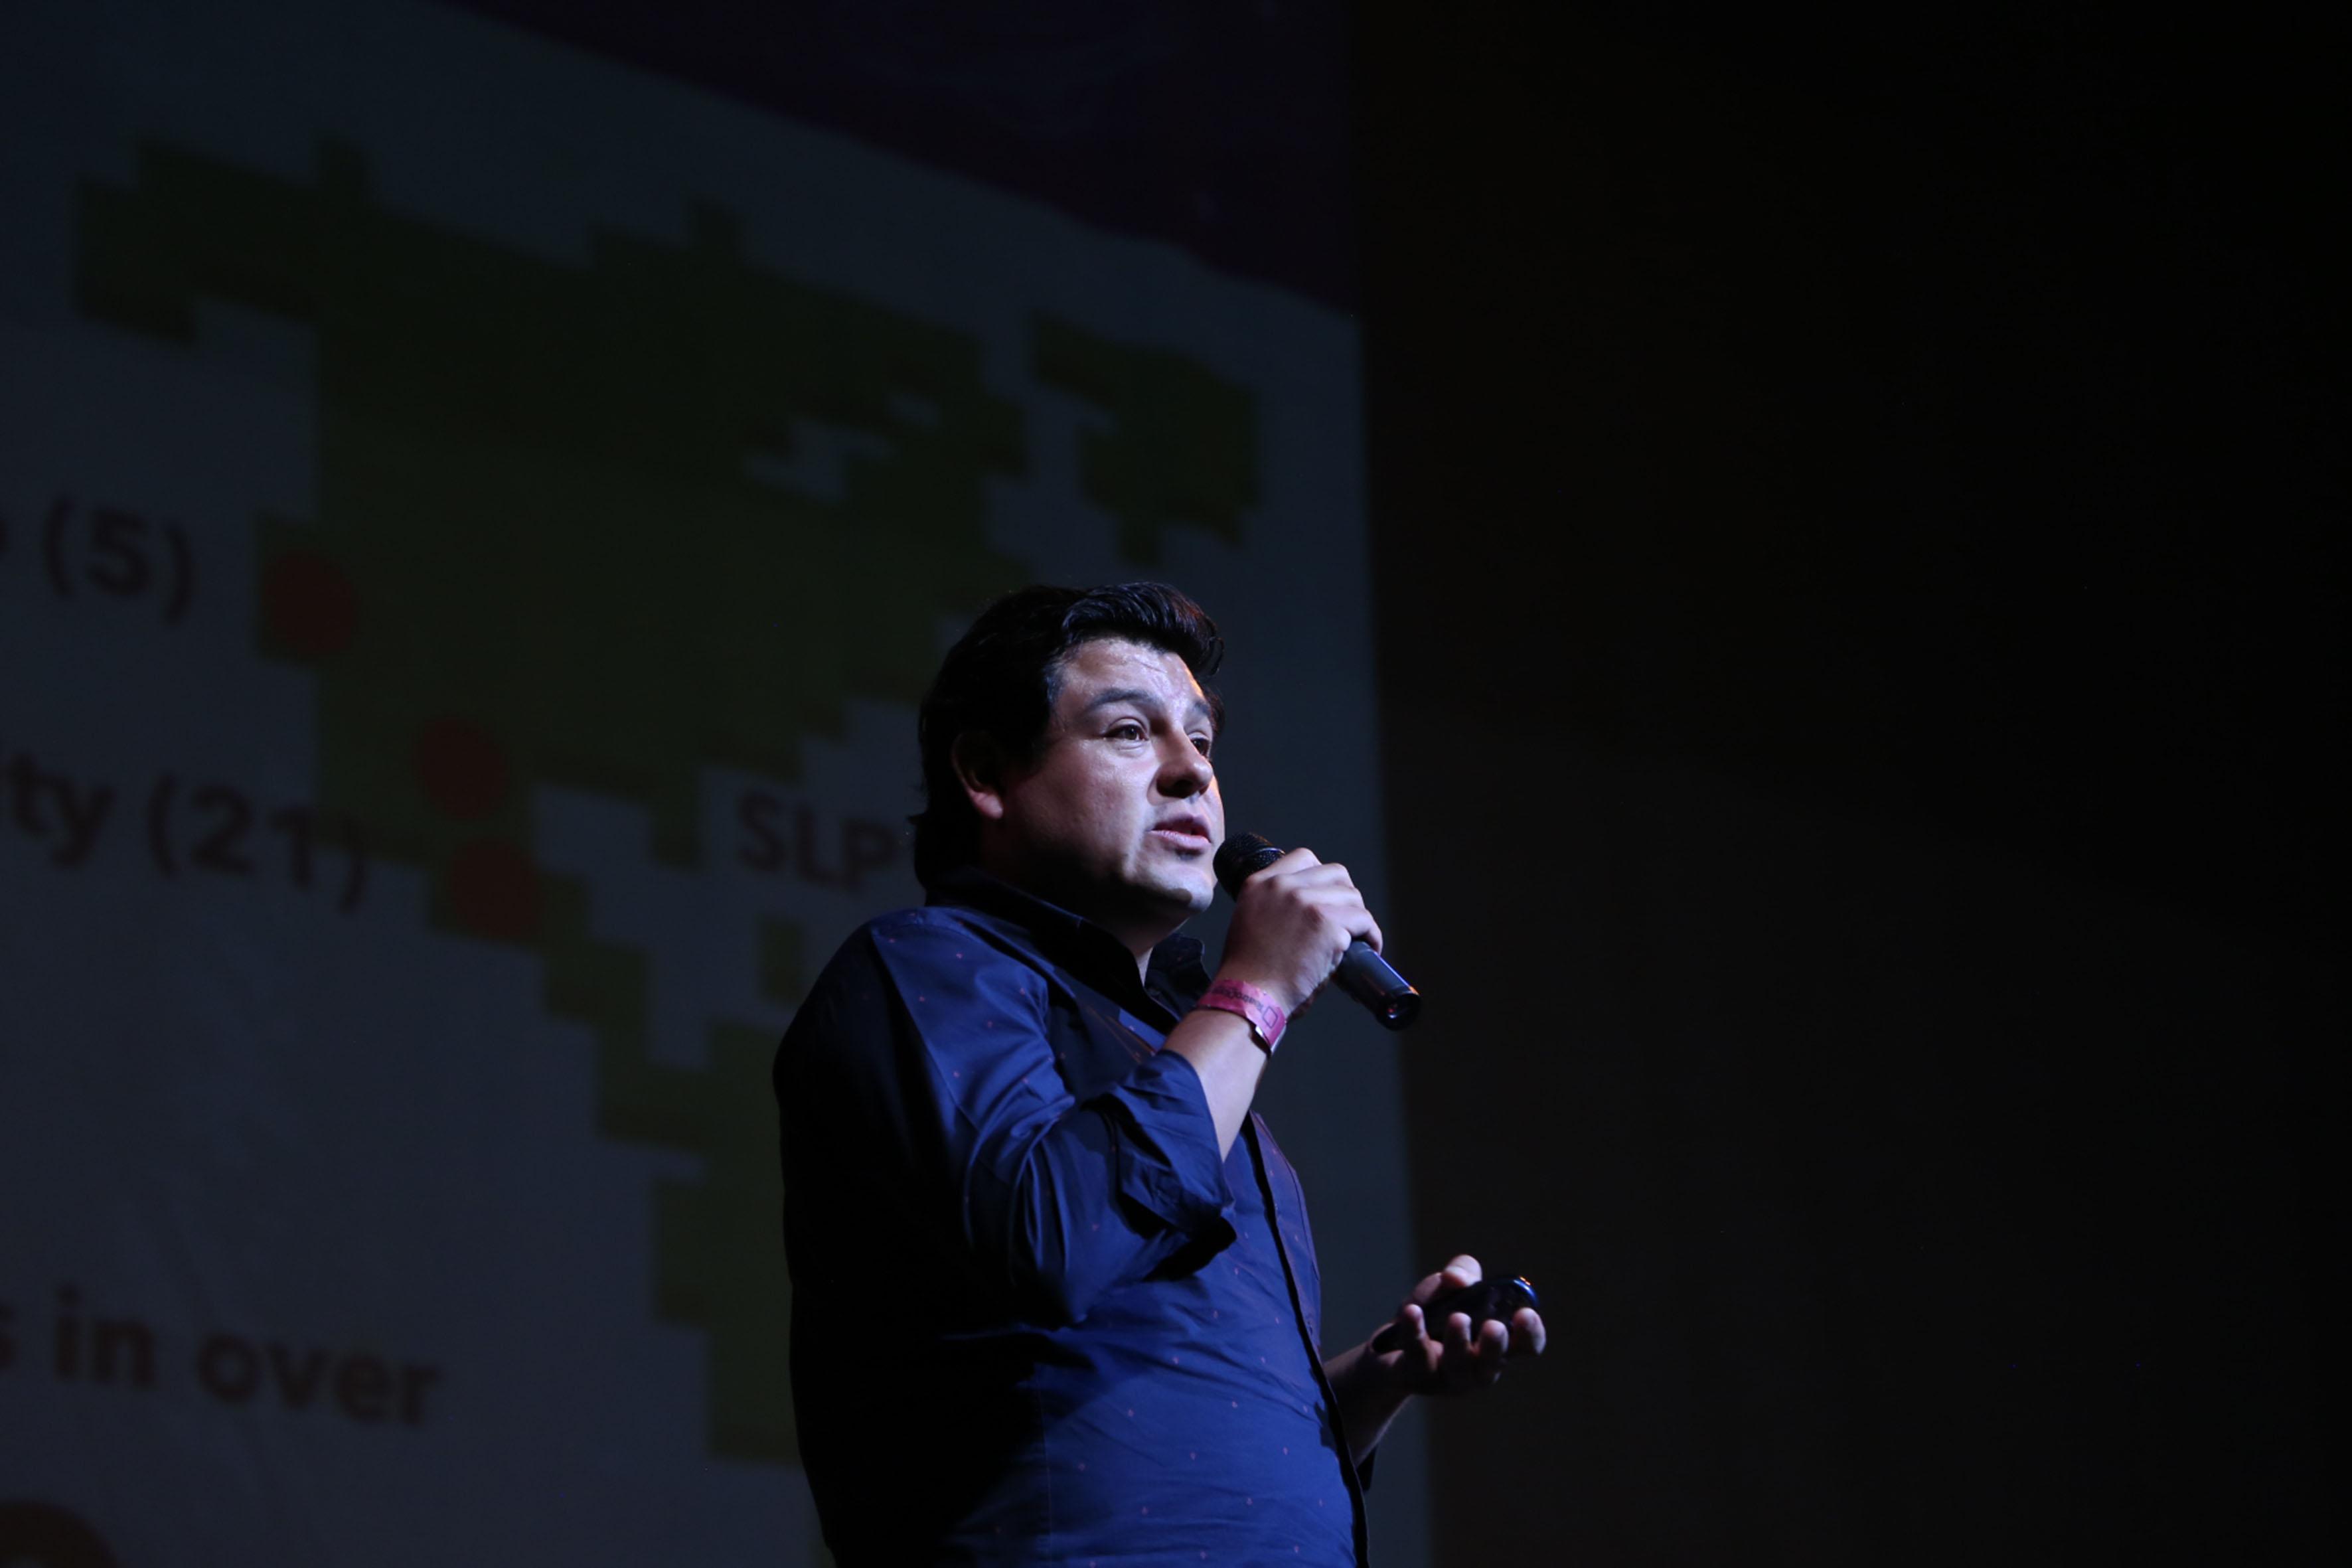 Manolo Díaz, Cofundador de la empresa Yogome, frente al micrófono